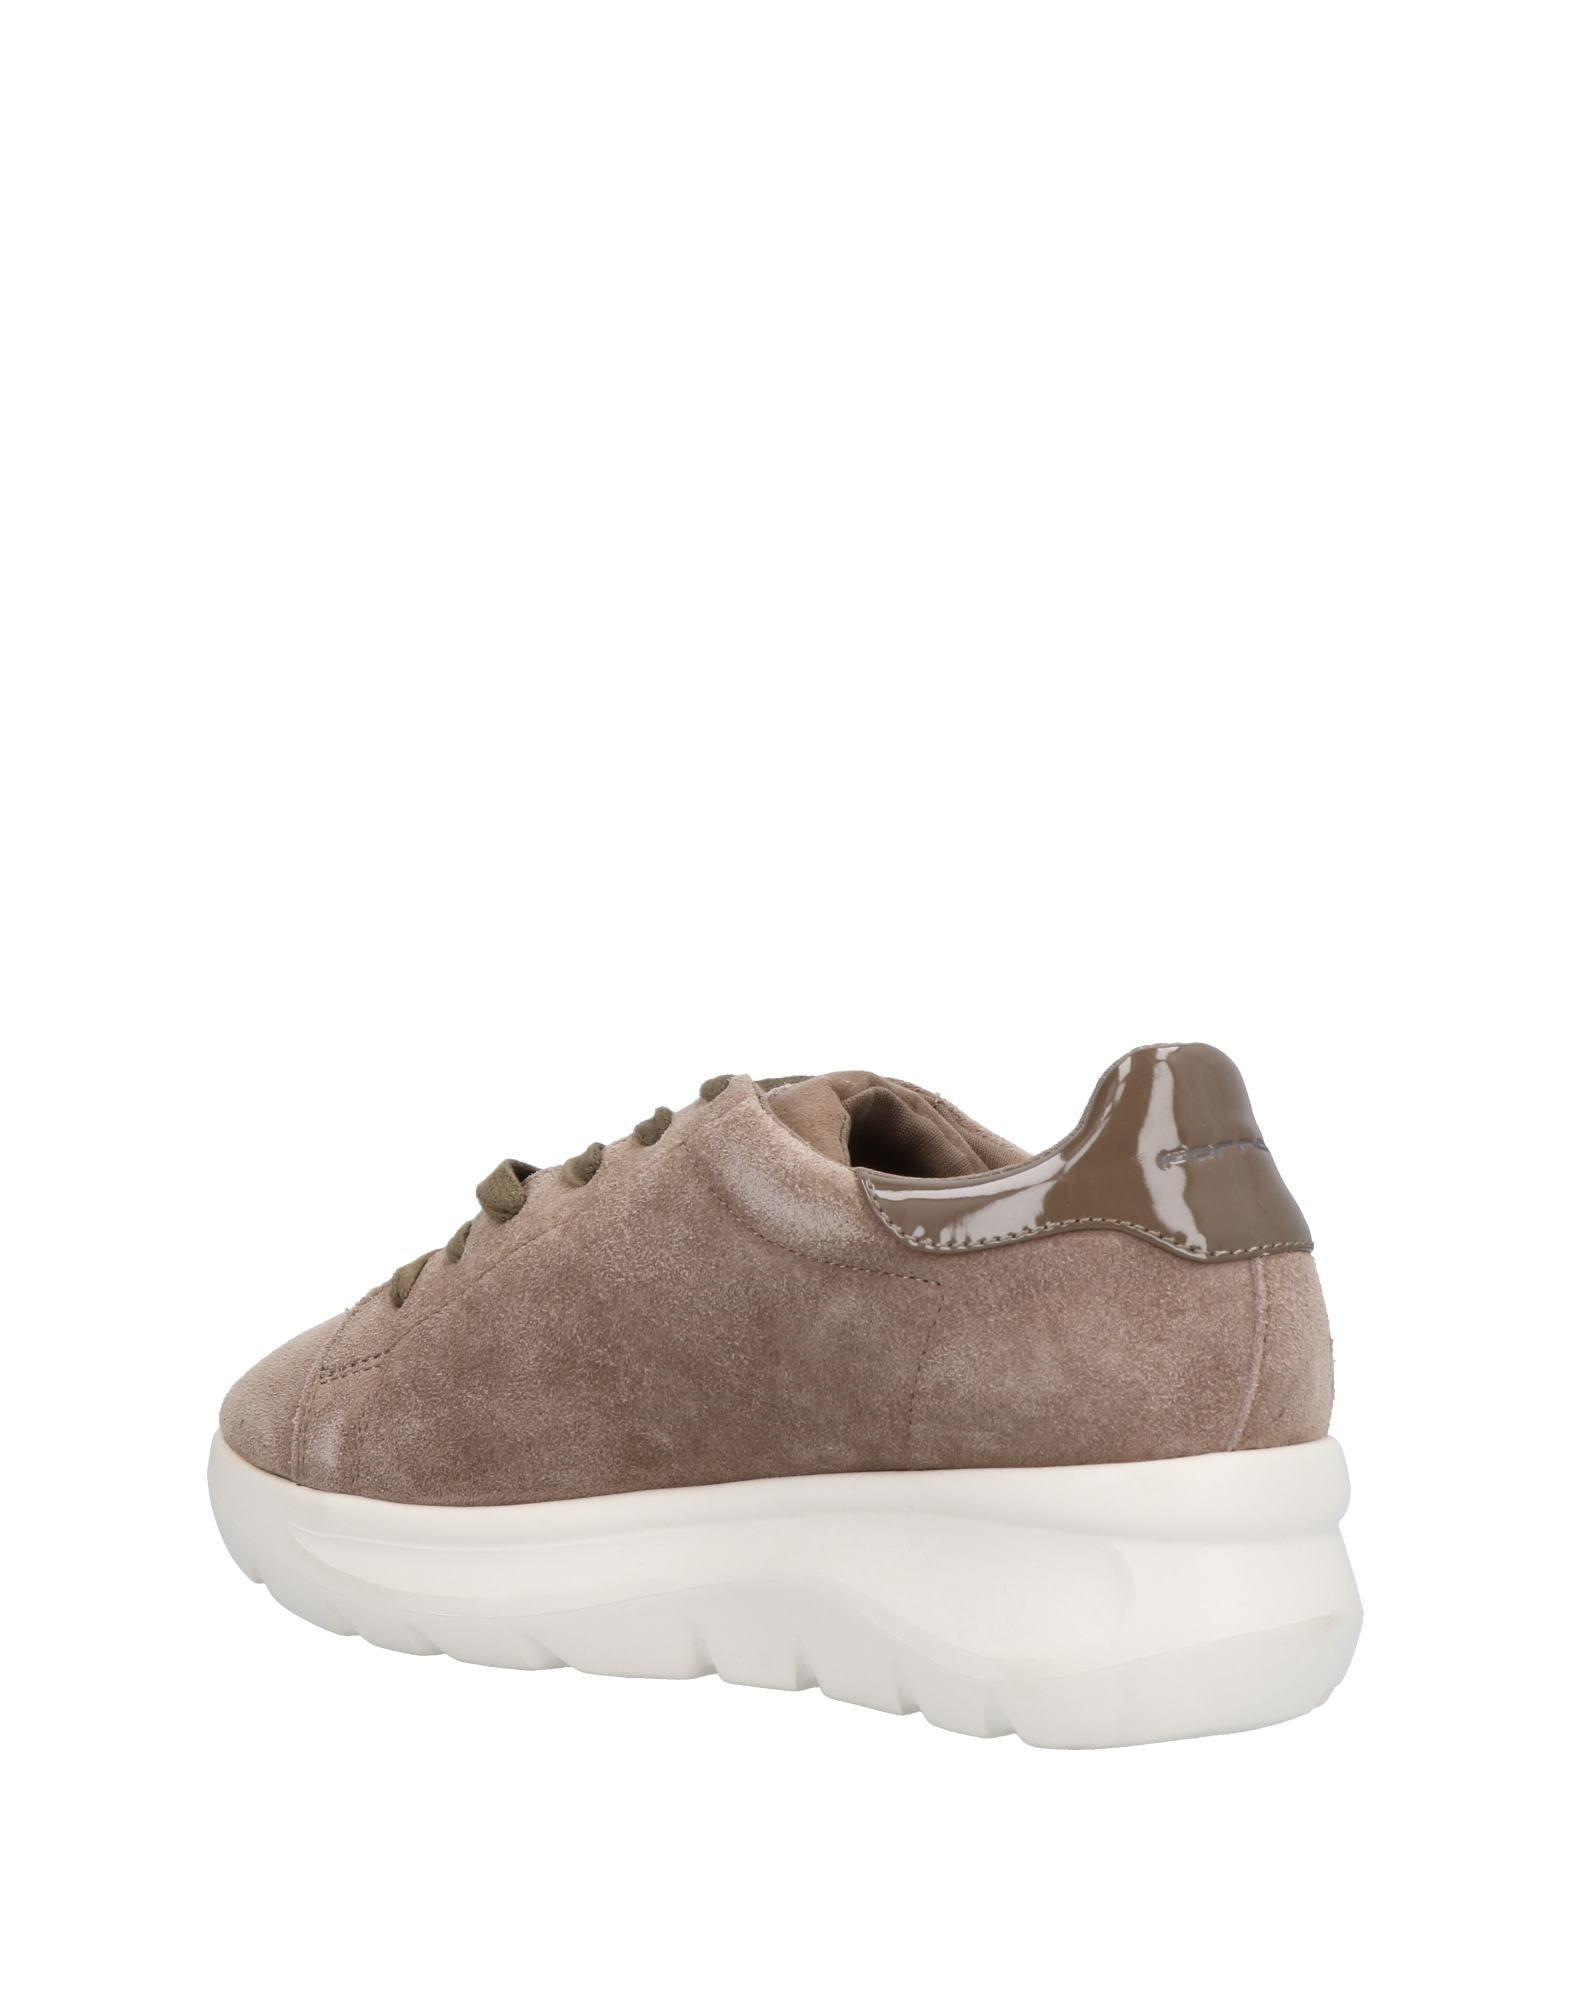 Fornarina Fornarina Fornarina Sneakers Damen  11467876UW Gute Qualität beliebte Schuhe d999f4